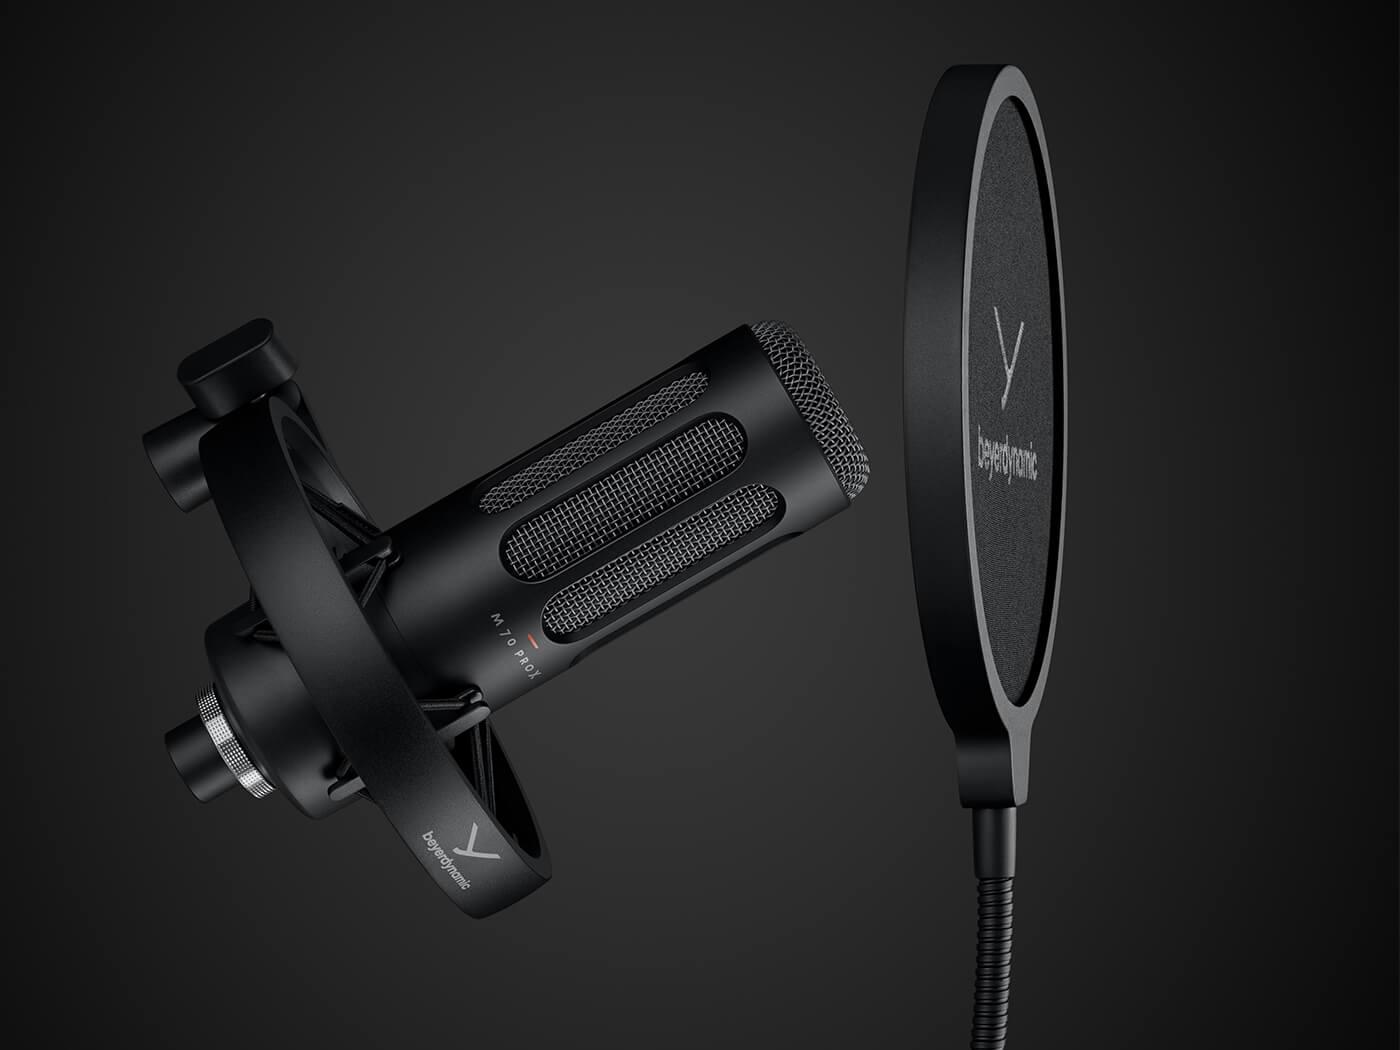 Beyerdynamic M 70 Pro X